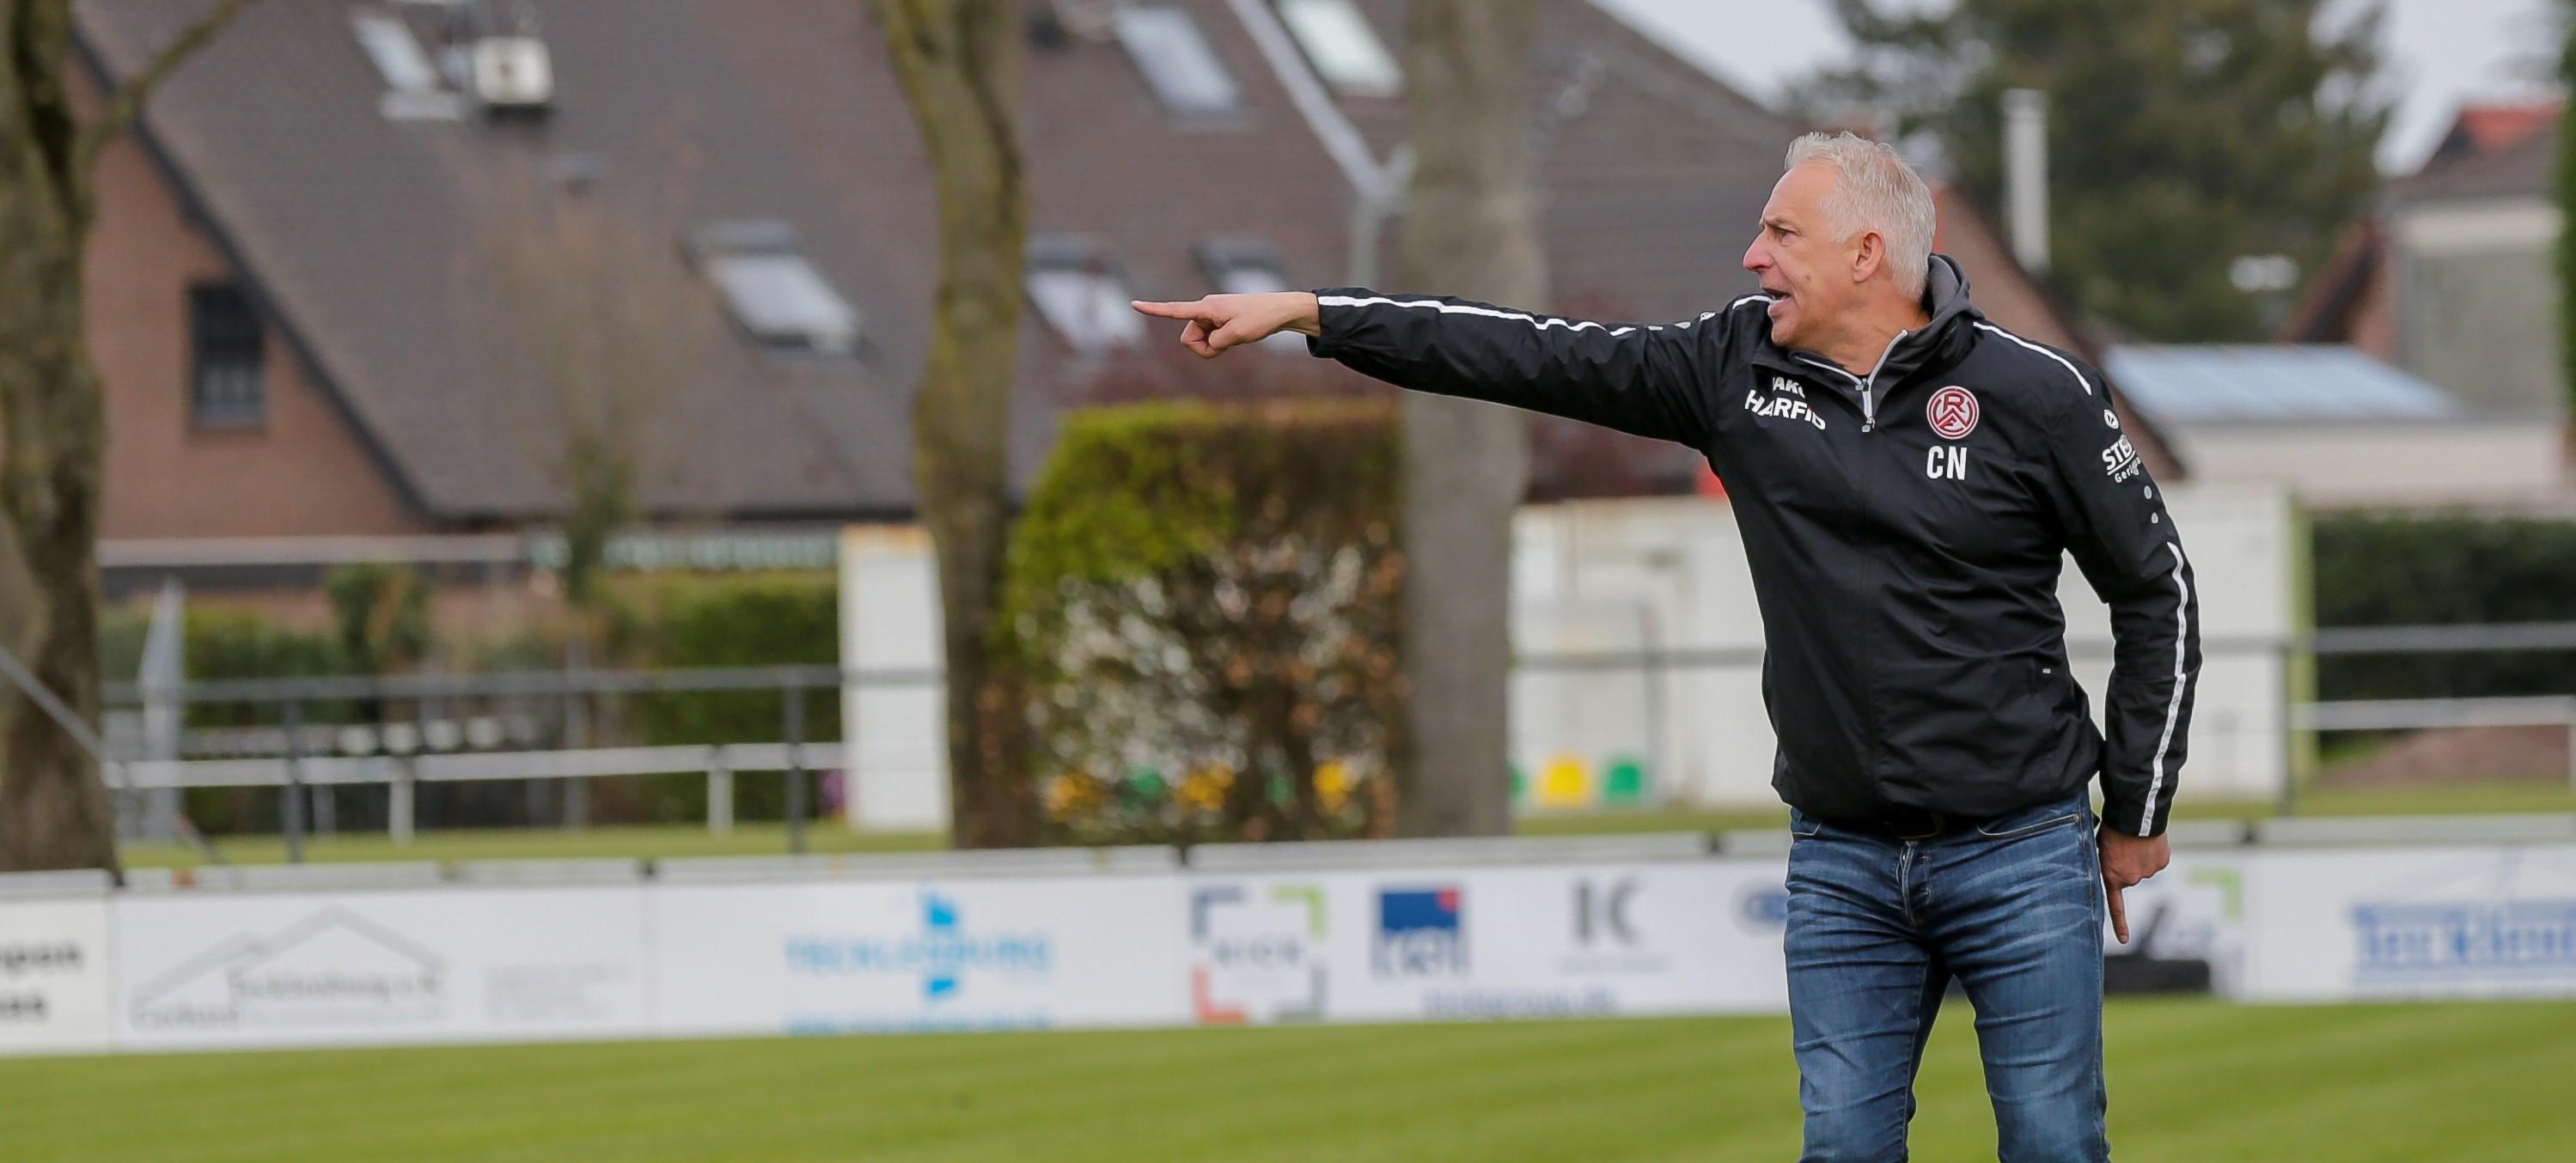 """""""Weiter Gas geben und so viele Punkte wie möglich holen"""": RWE-Trainer Christian Neidhart. (Foto: Endberg)"""